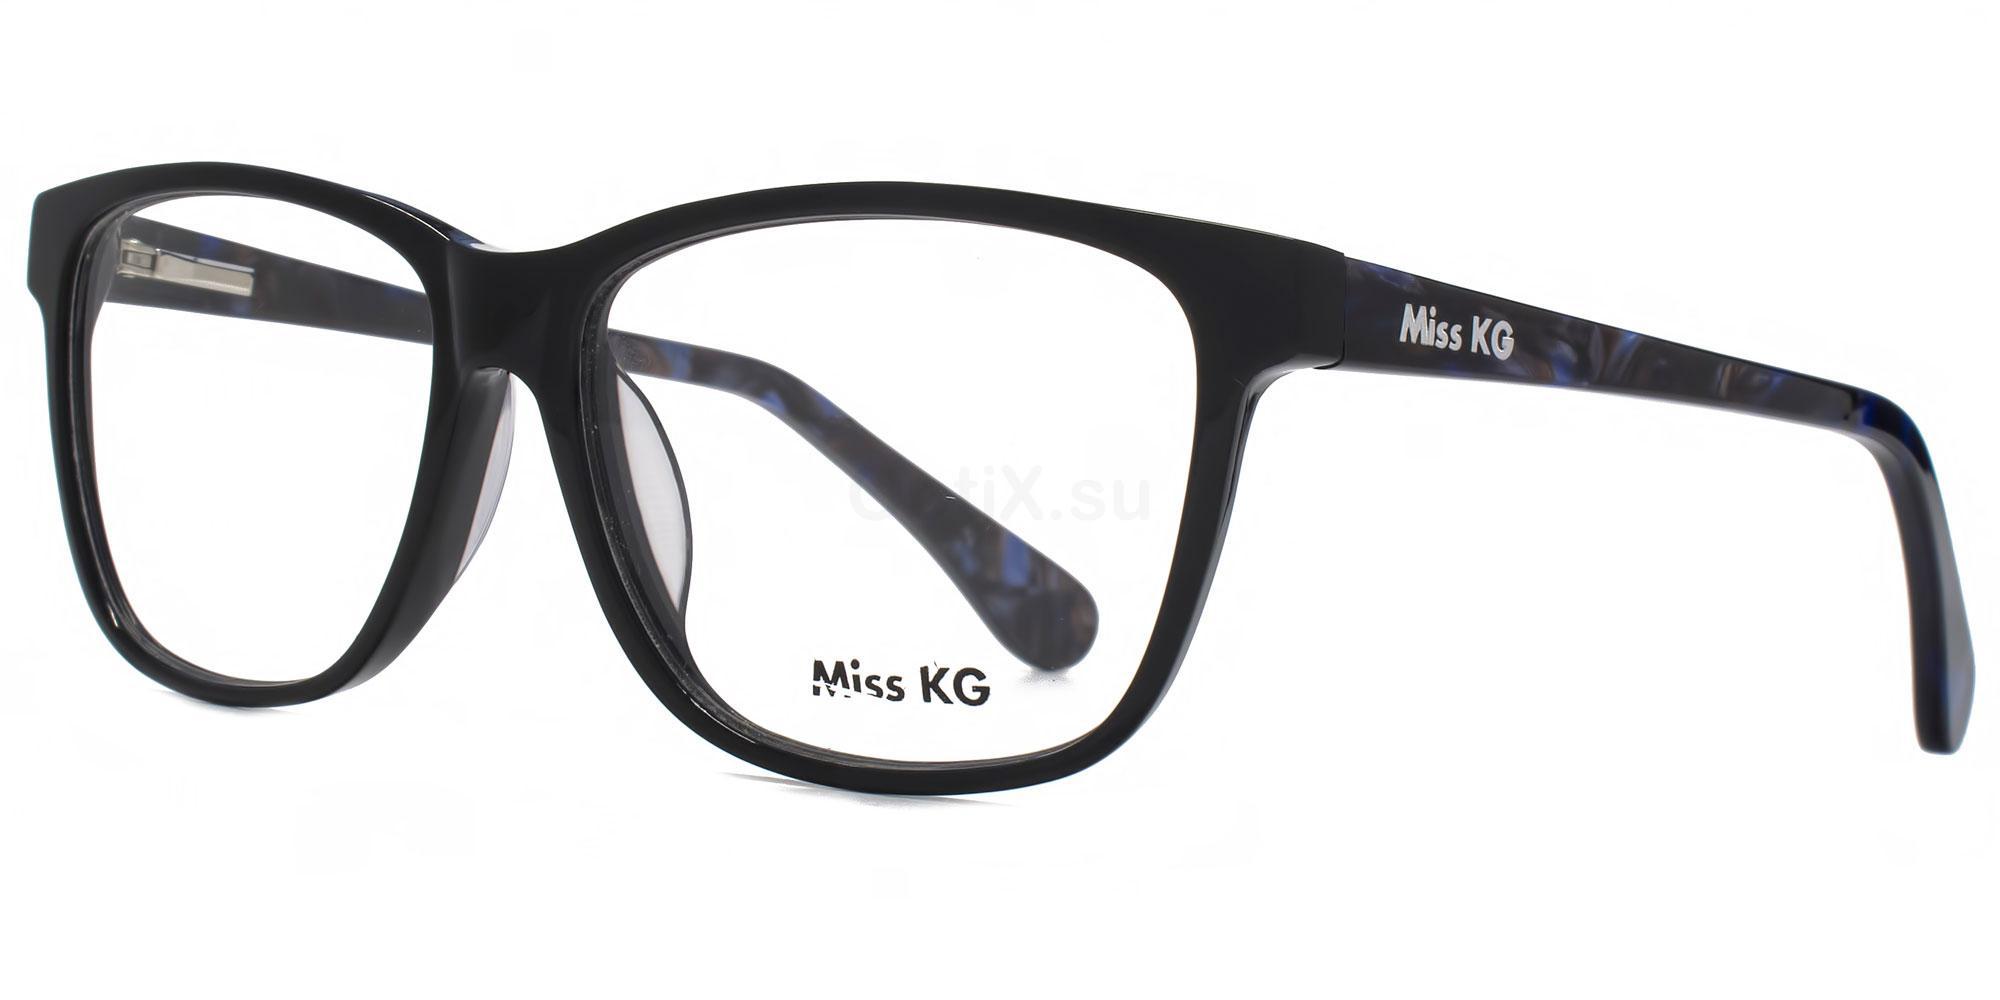 BLK MKGS014 - Izzi , Miss KG